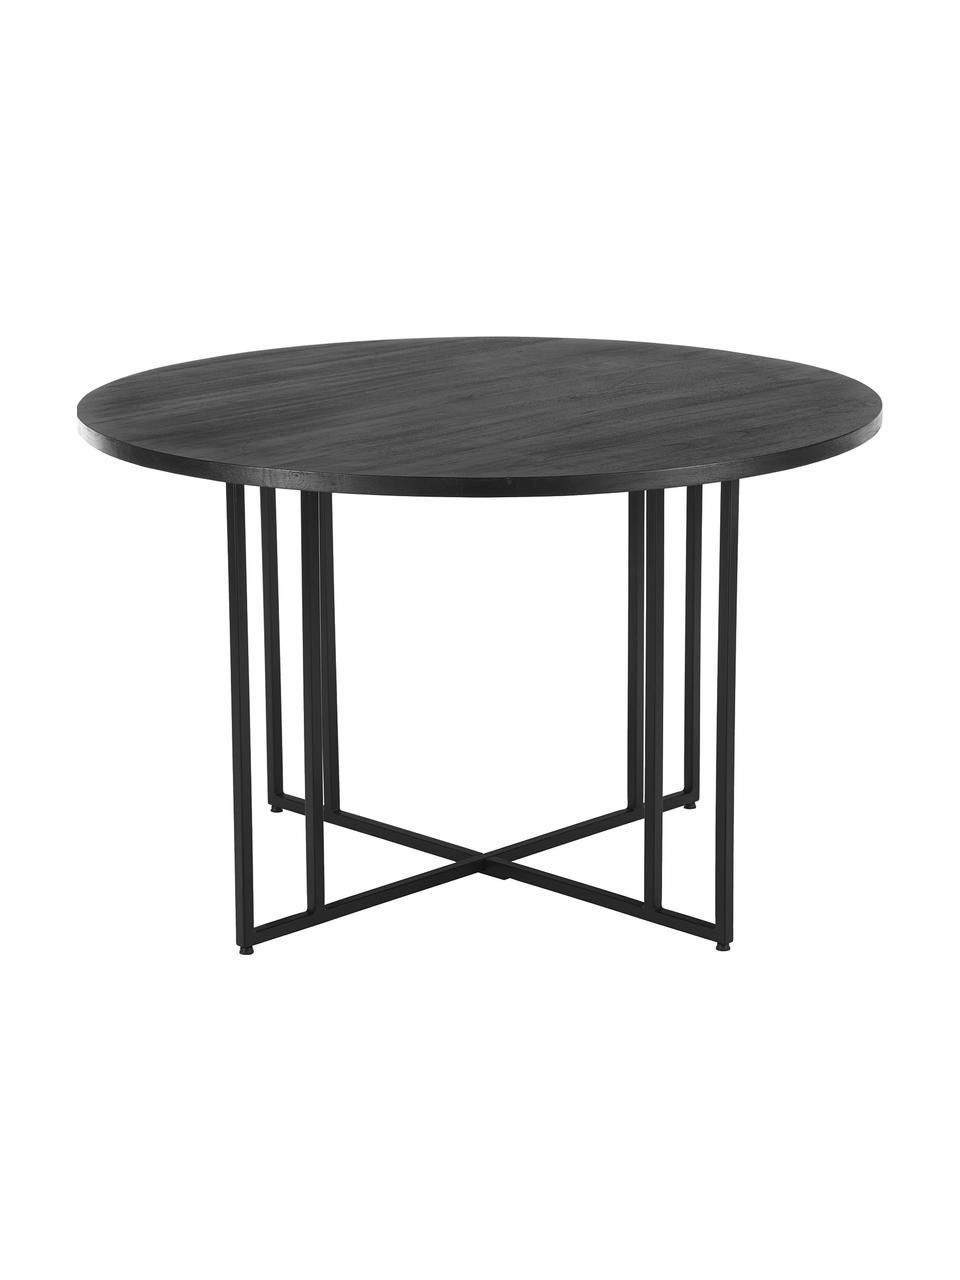 Okrągły stół do jadalni z drewnem mangowym Luca, Blat: lite drewno mangowe, szcz, Stelaż: metal malowany proszkowo, Czarny, Ø 120 x W 75 cm